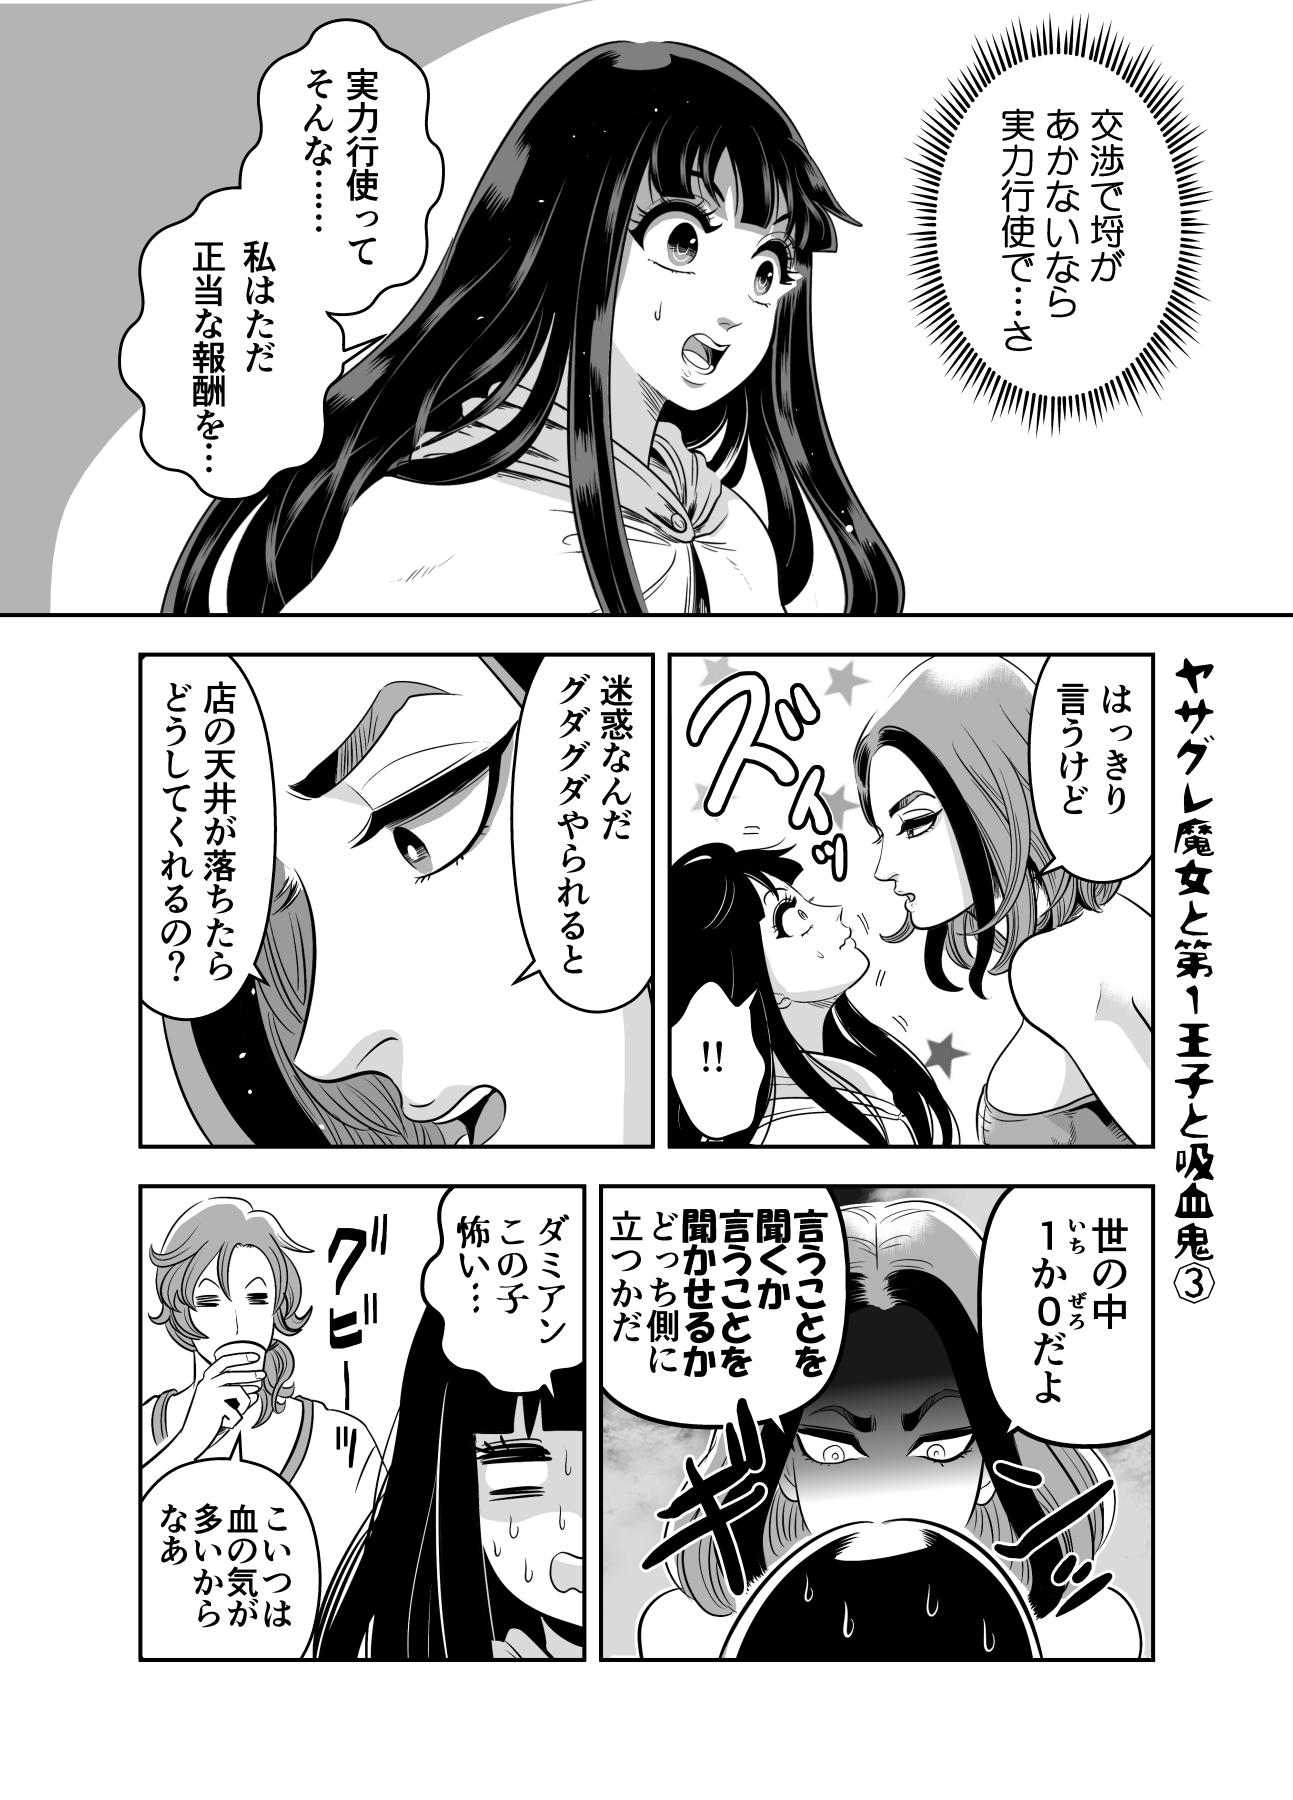 ヤサグレ魔女と第1王子と吸血鬼①0037